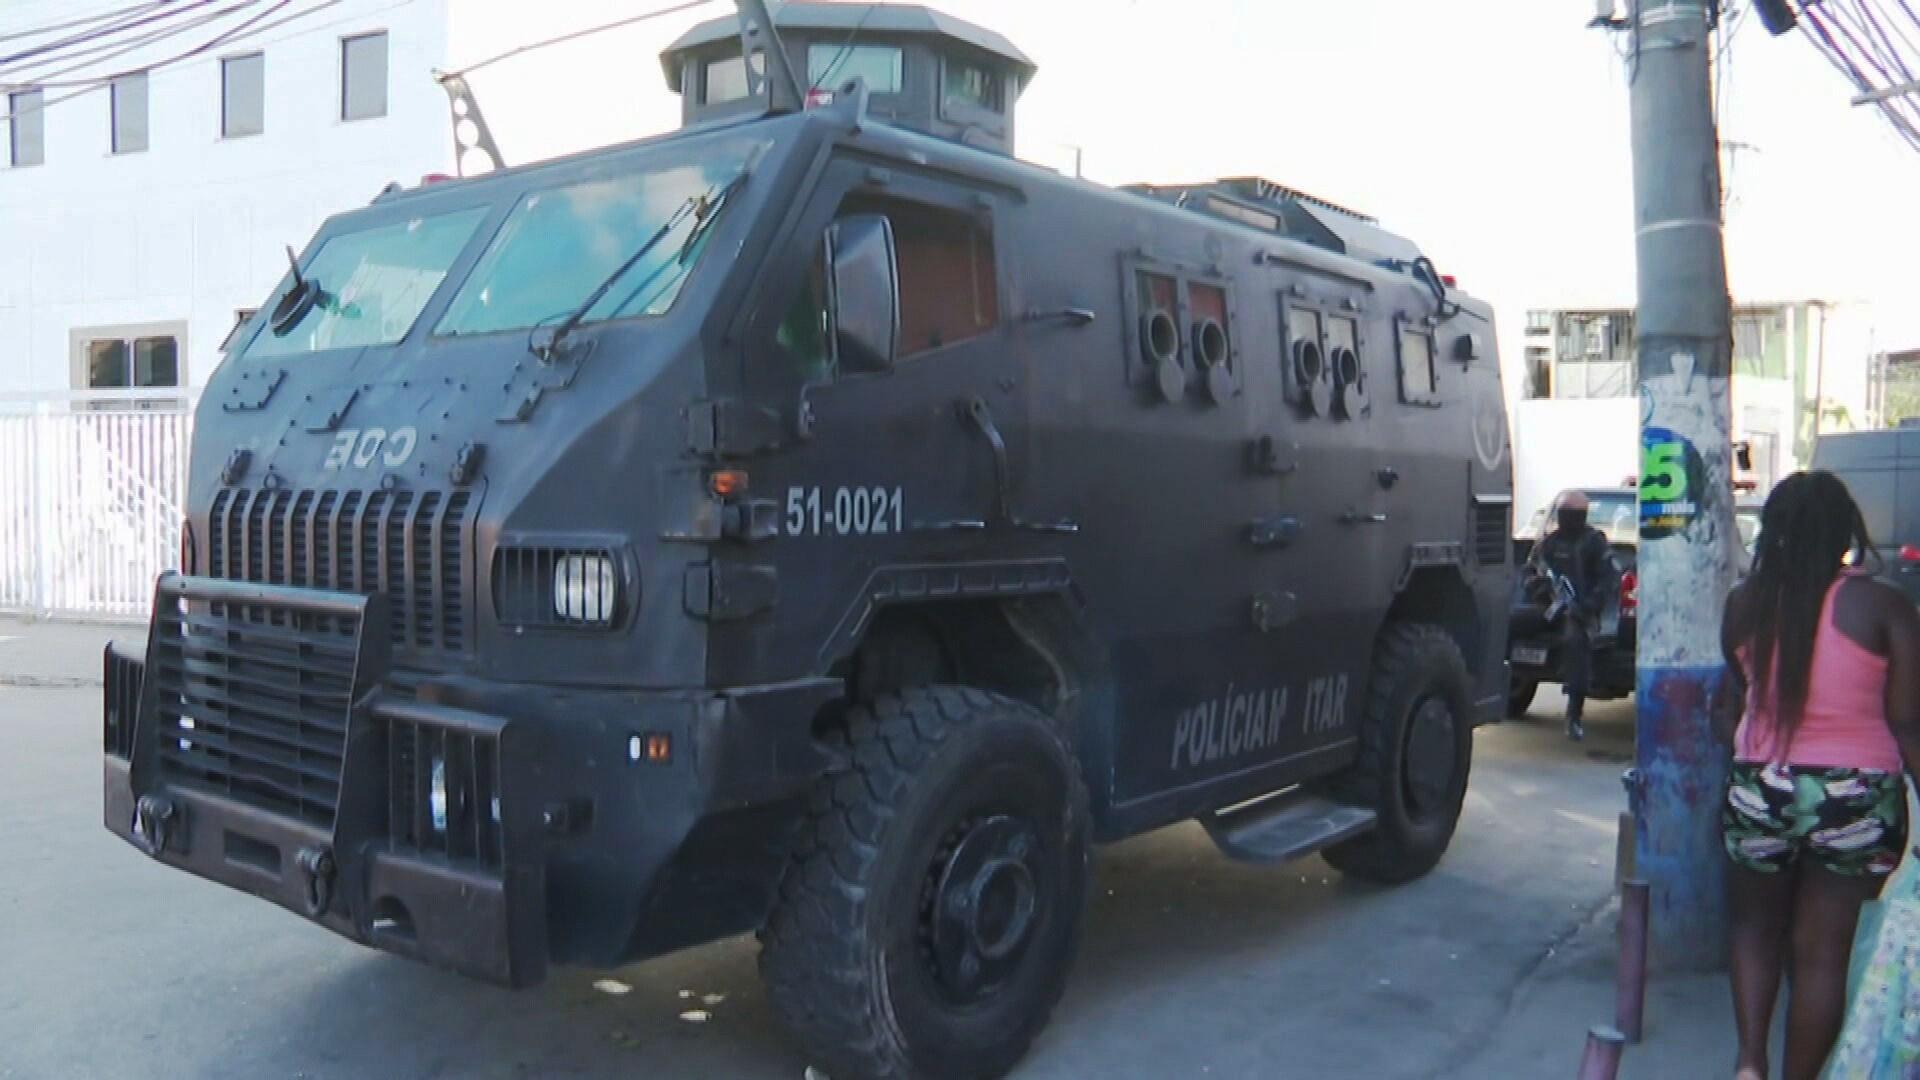 Em Meriti, força-tarefa reforça policiamento para o 2º turno; candidatos trocam acusações sobre apoio de criminosos